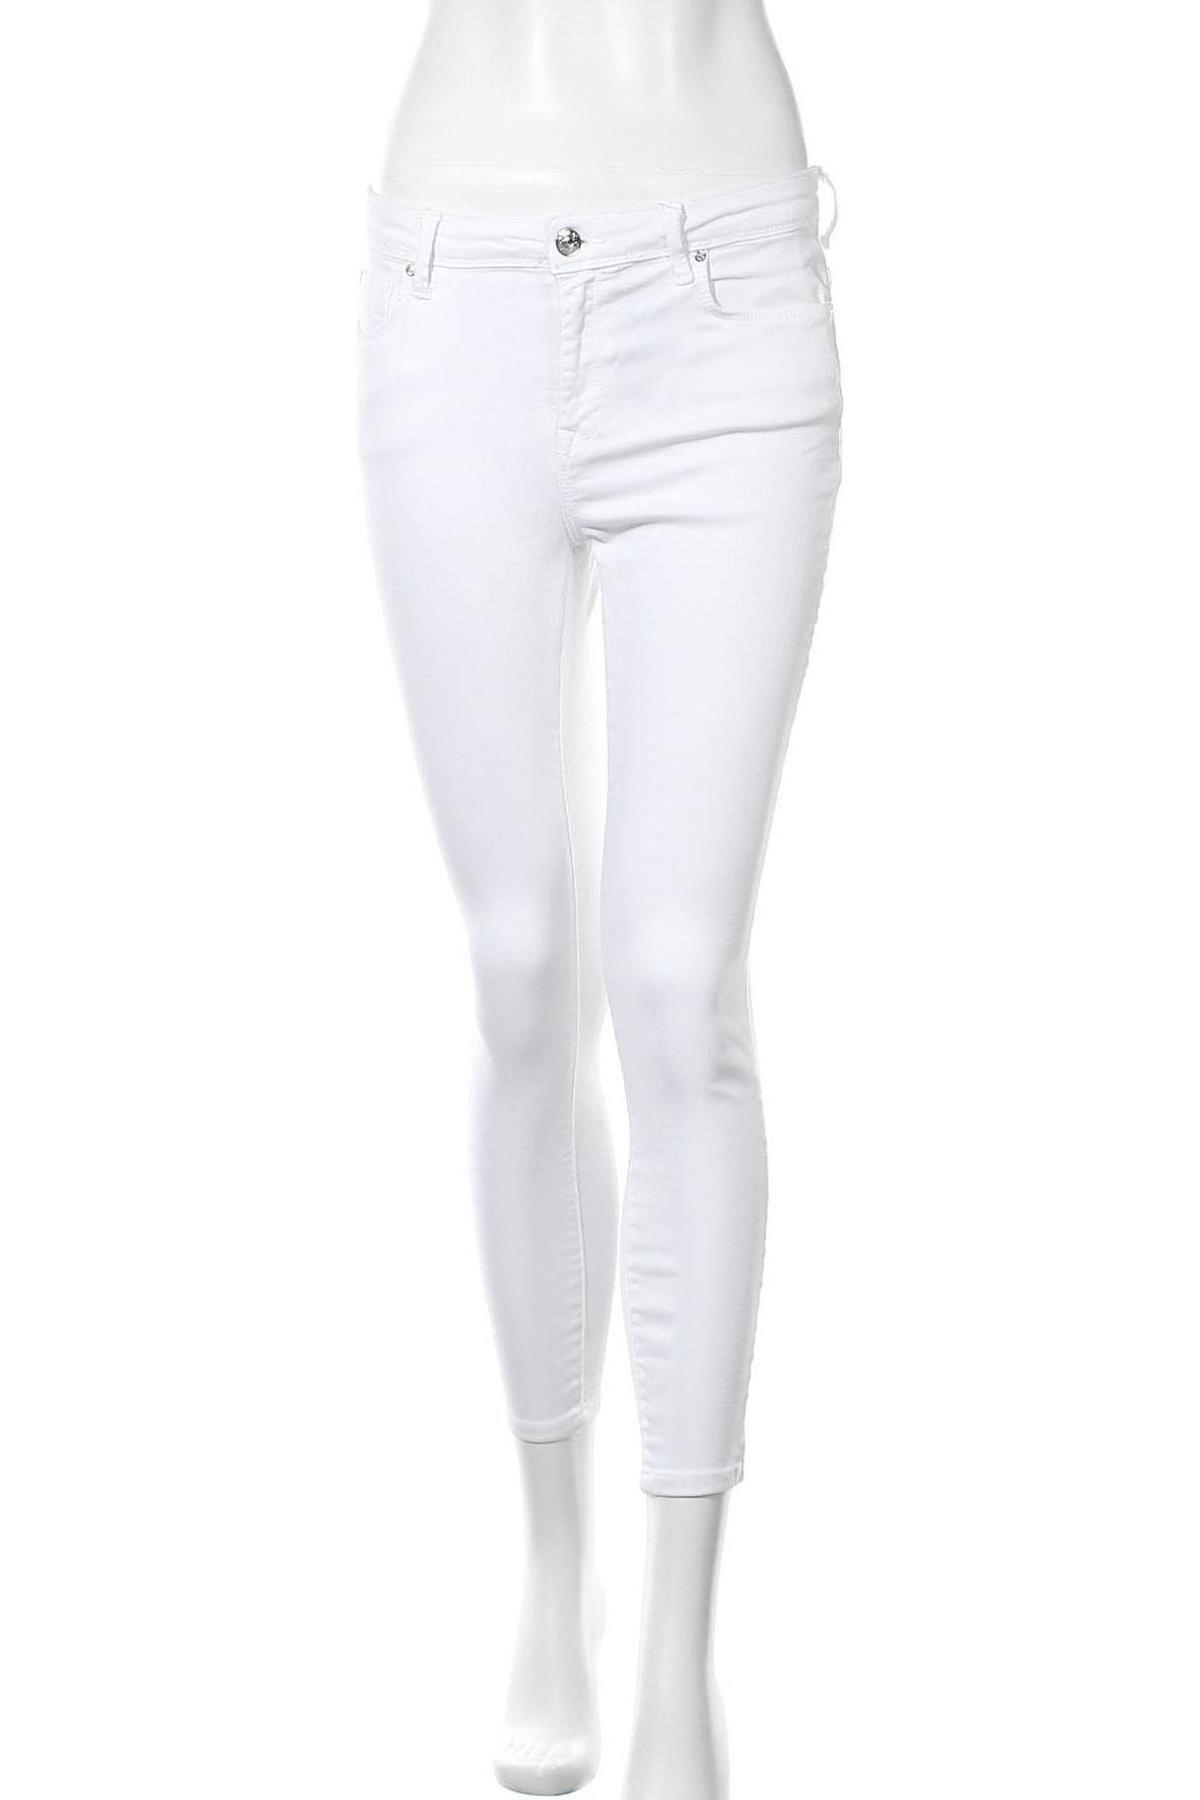 Дамски дънки ONLY, Размер S, Цвят Бял, 92% памук, 6% полиестер, 2% еластан, Цена 15,53лв.